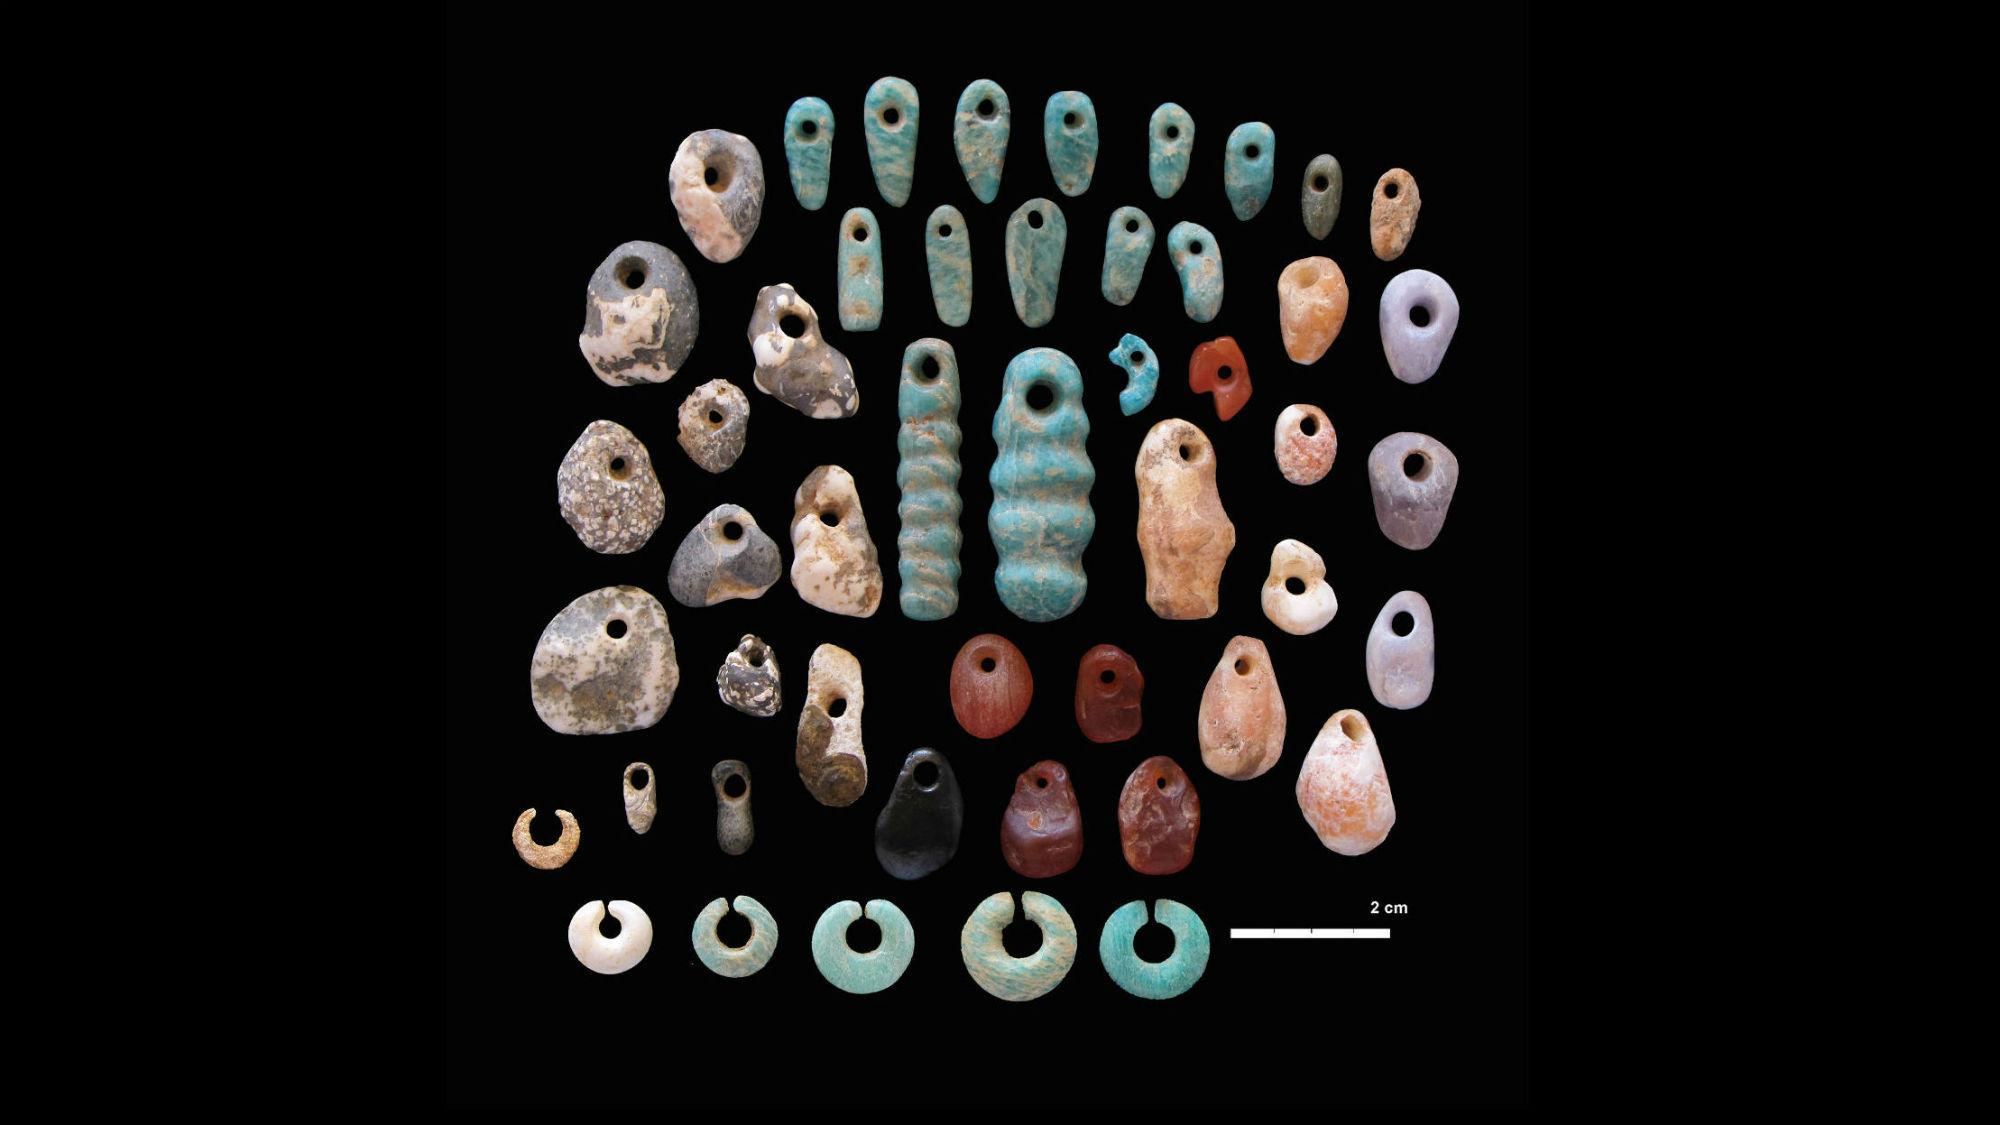 Каменные подвески и серьги, найденные на древнем кладбище в Кении. Захоронение было построено древними пастухами Восточной Африки порядка 5000-4300 лет назад.